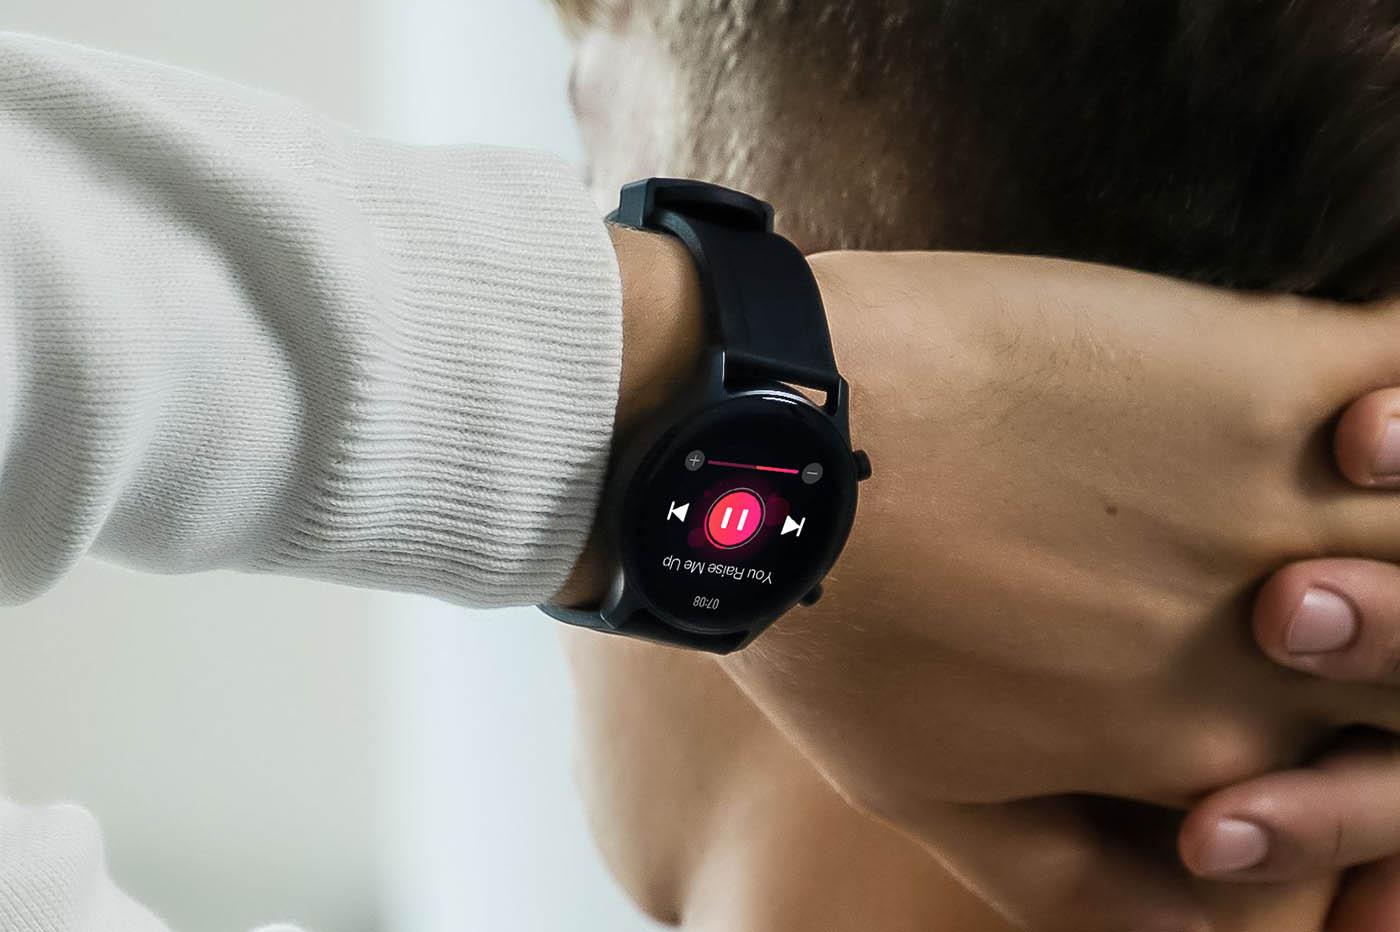 Neue Haylou RS3, eine Smartwatch mit AMOLED-Bildschirm, GPS und SpO2 für weniger als 70 Euro. Nachrichten Xiaomi Addicts